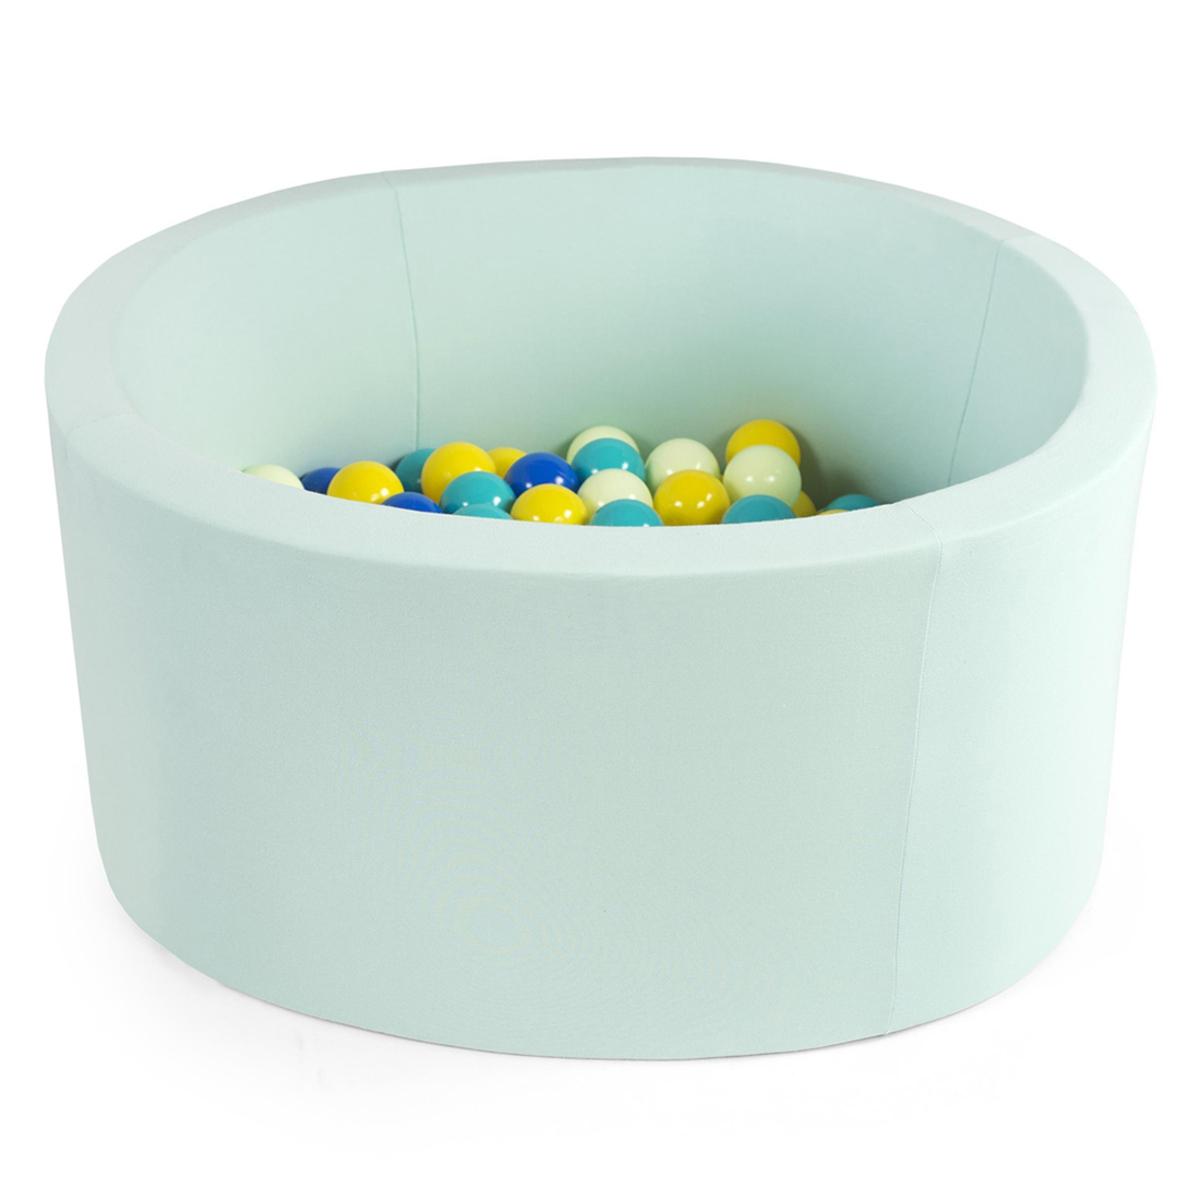 Mes premiers jouets Piscine à Balles Ronde Menthe 90 x 40 cm + 200 Balles Piscine à Balles Ronde Menthe 90 x 40 cm + 200 Balles